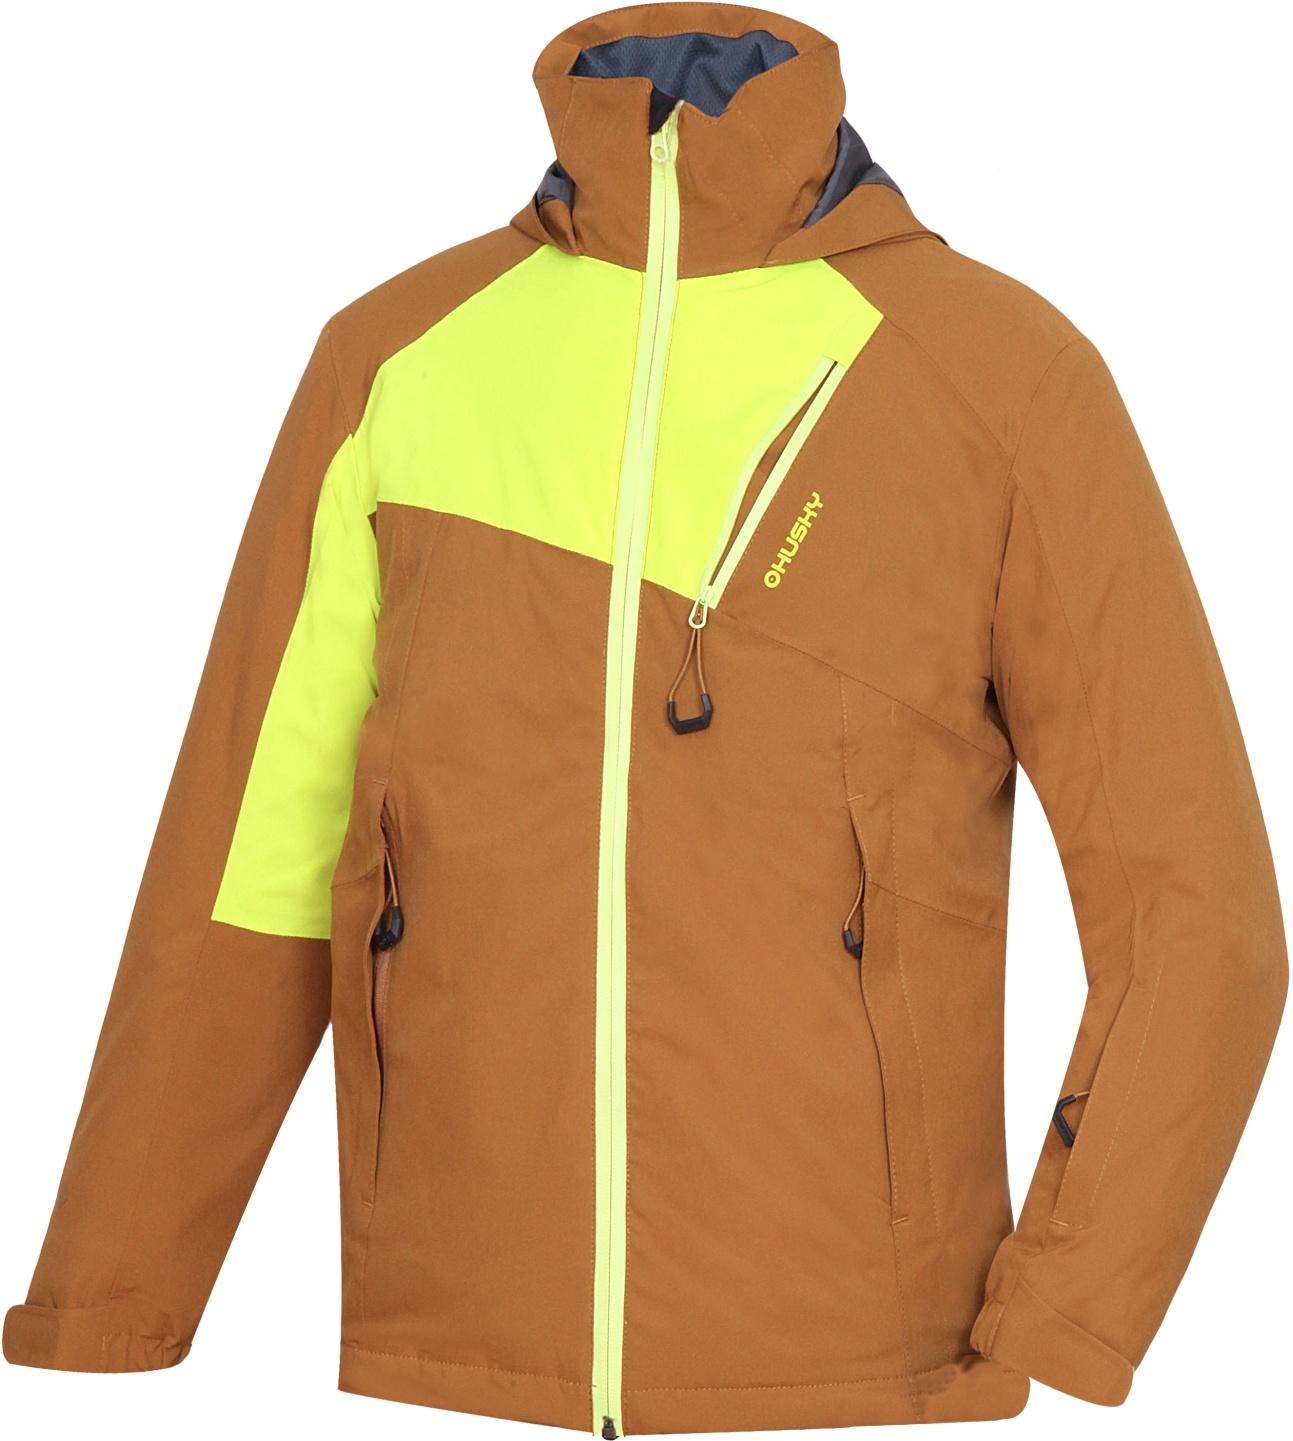 Husky Dětská ski bunda Zawi Kids tm. okrová Velikost: 134